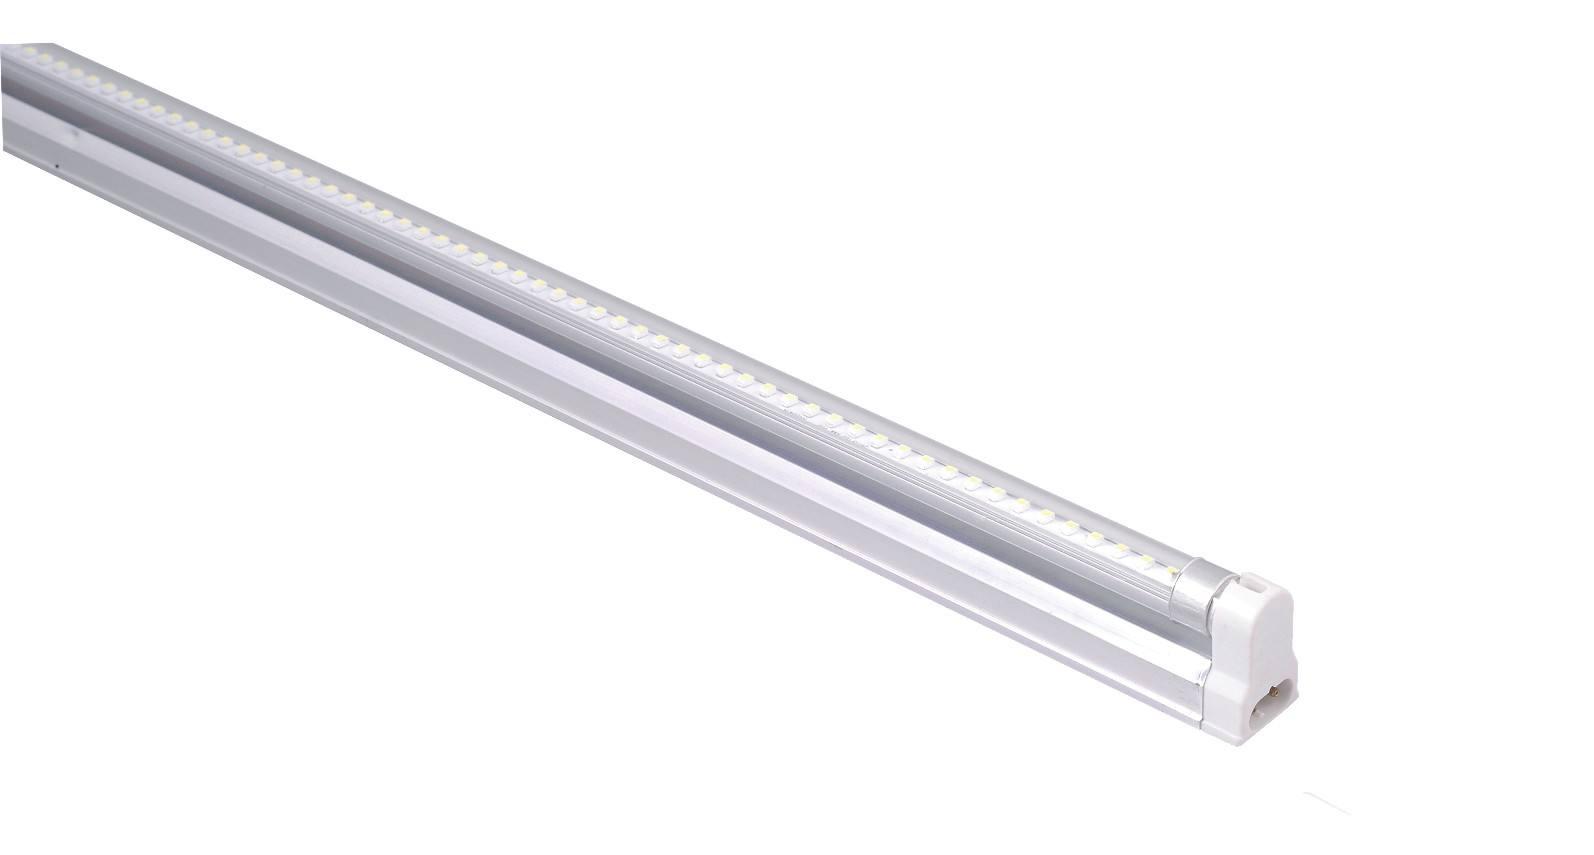 日光灯怎么安装 日光灯安装注意事项